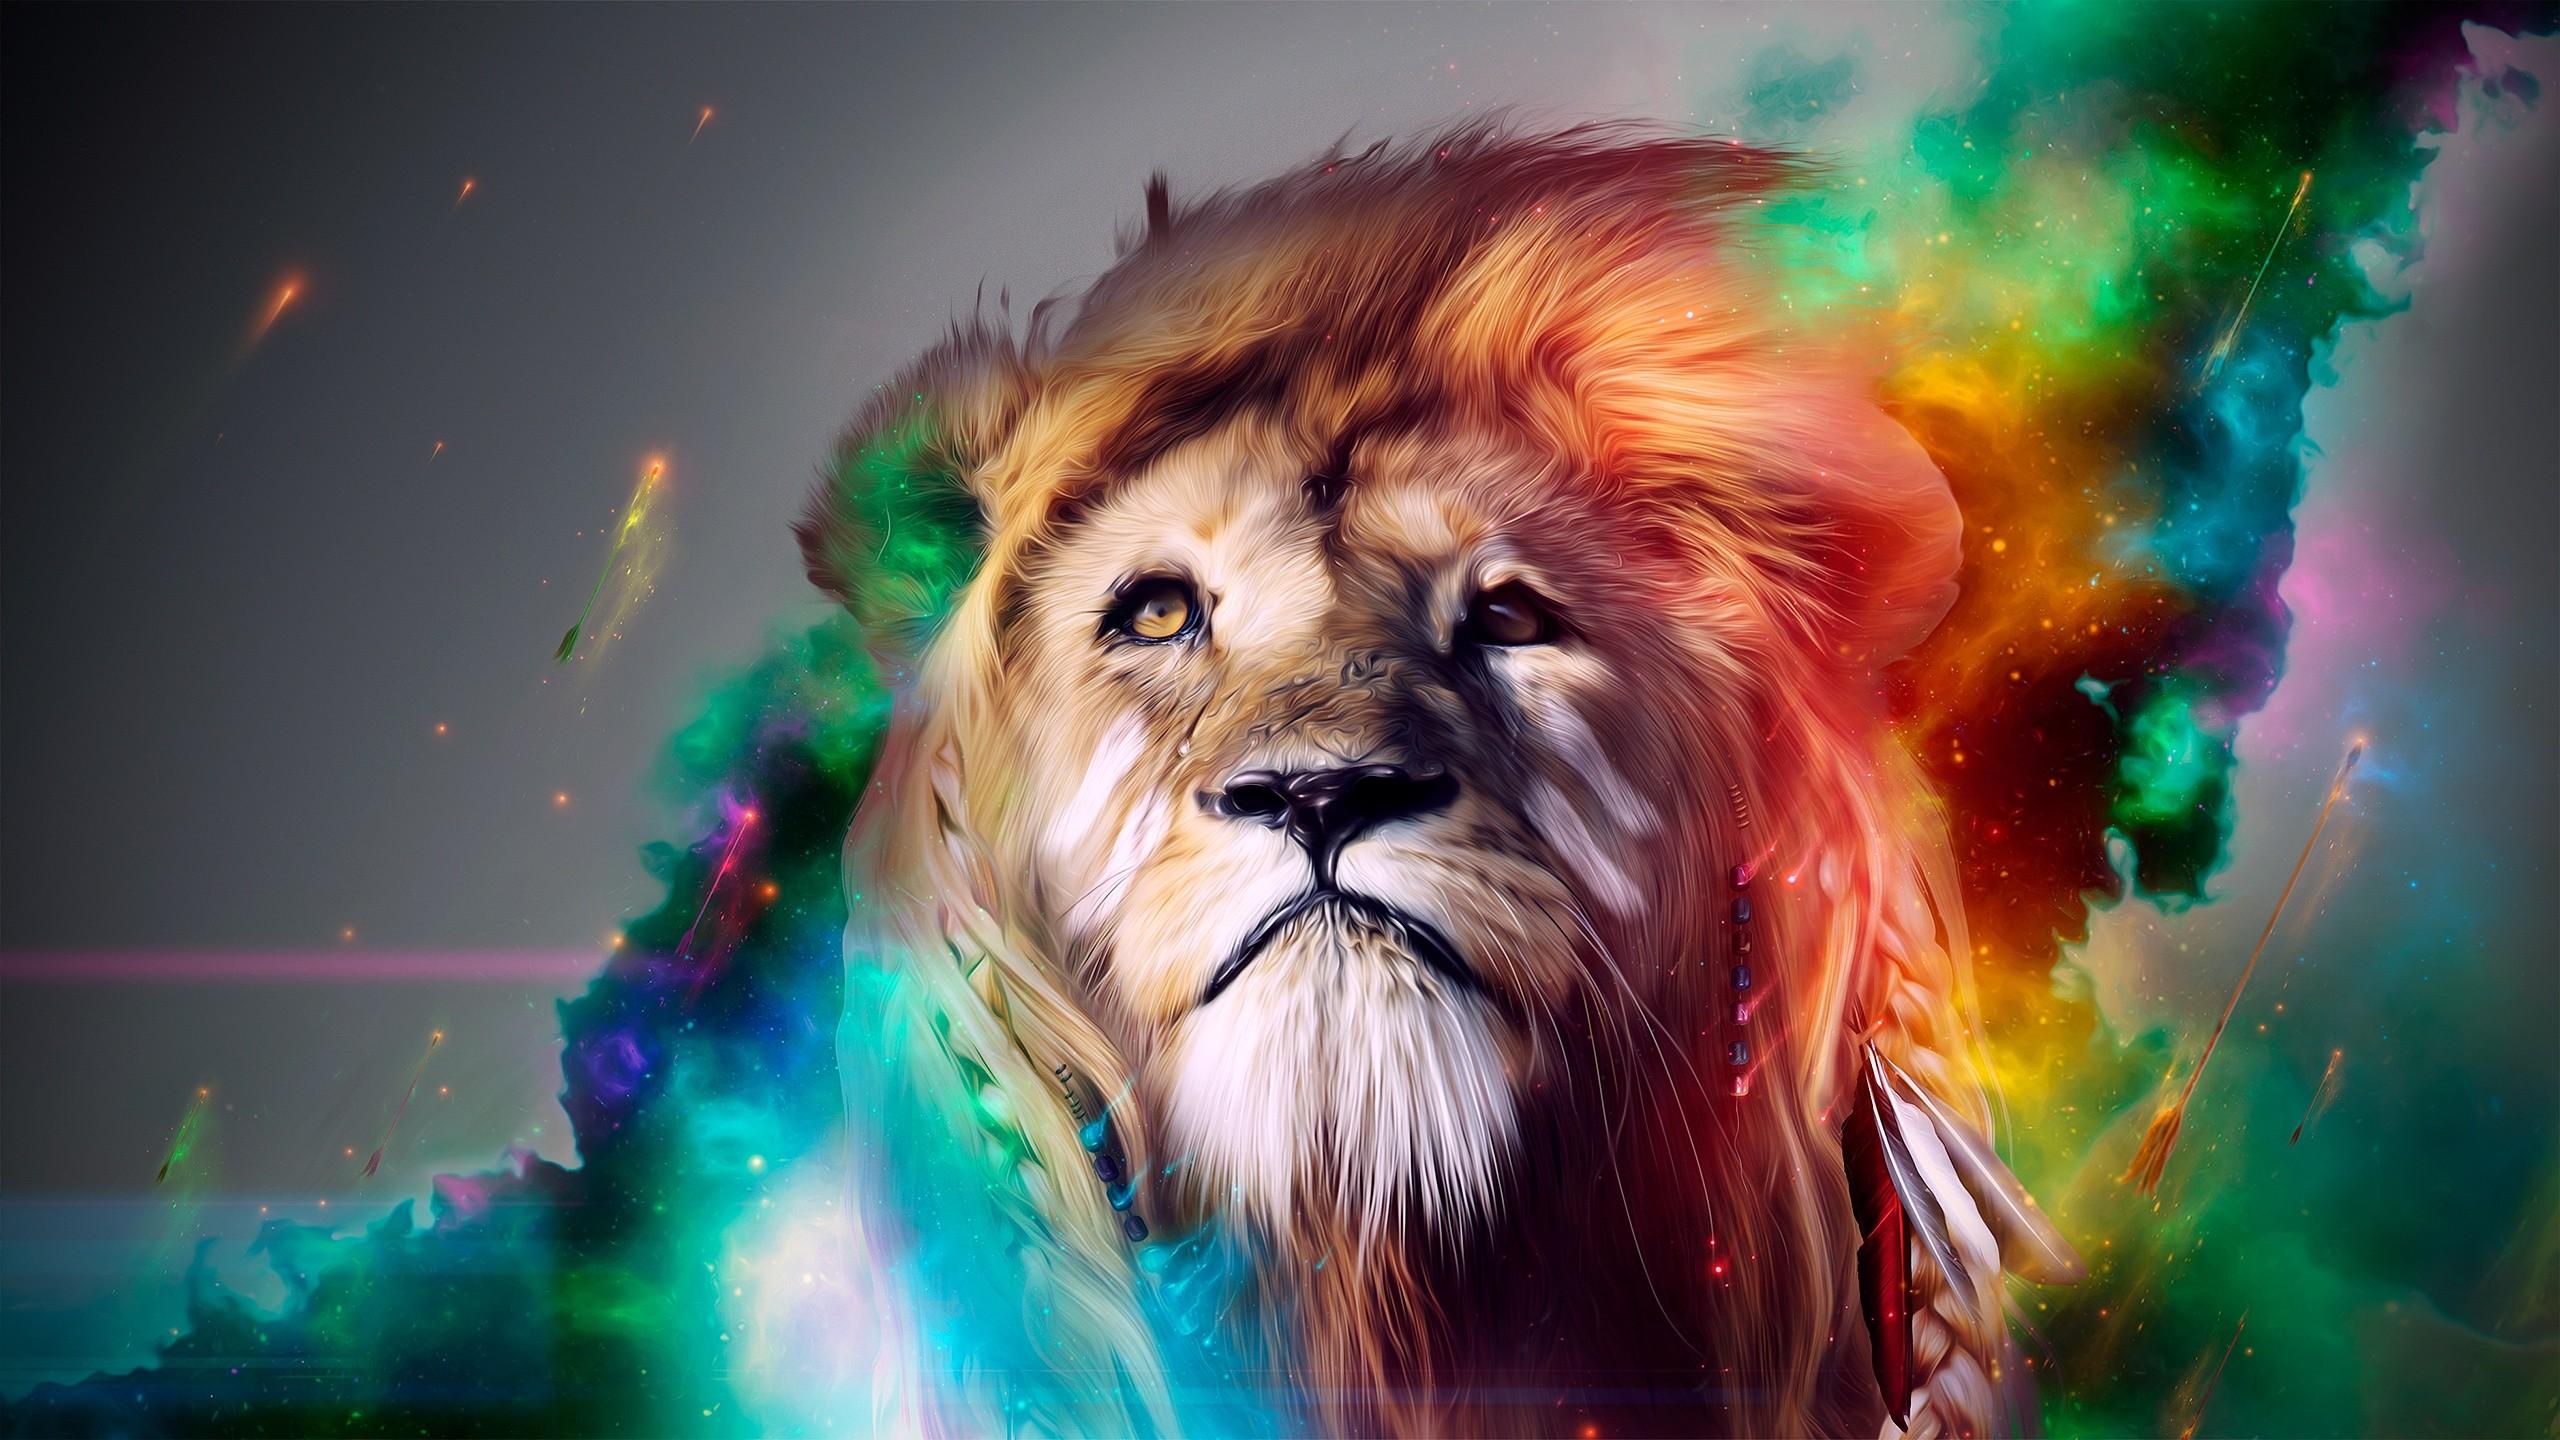 Artistic Colorful Lion 2560x1440